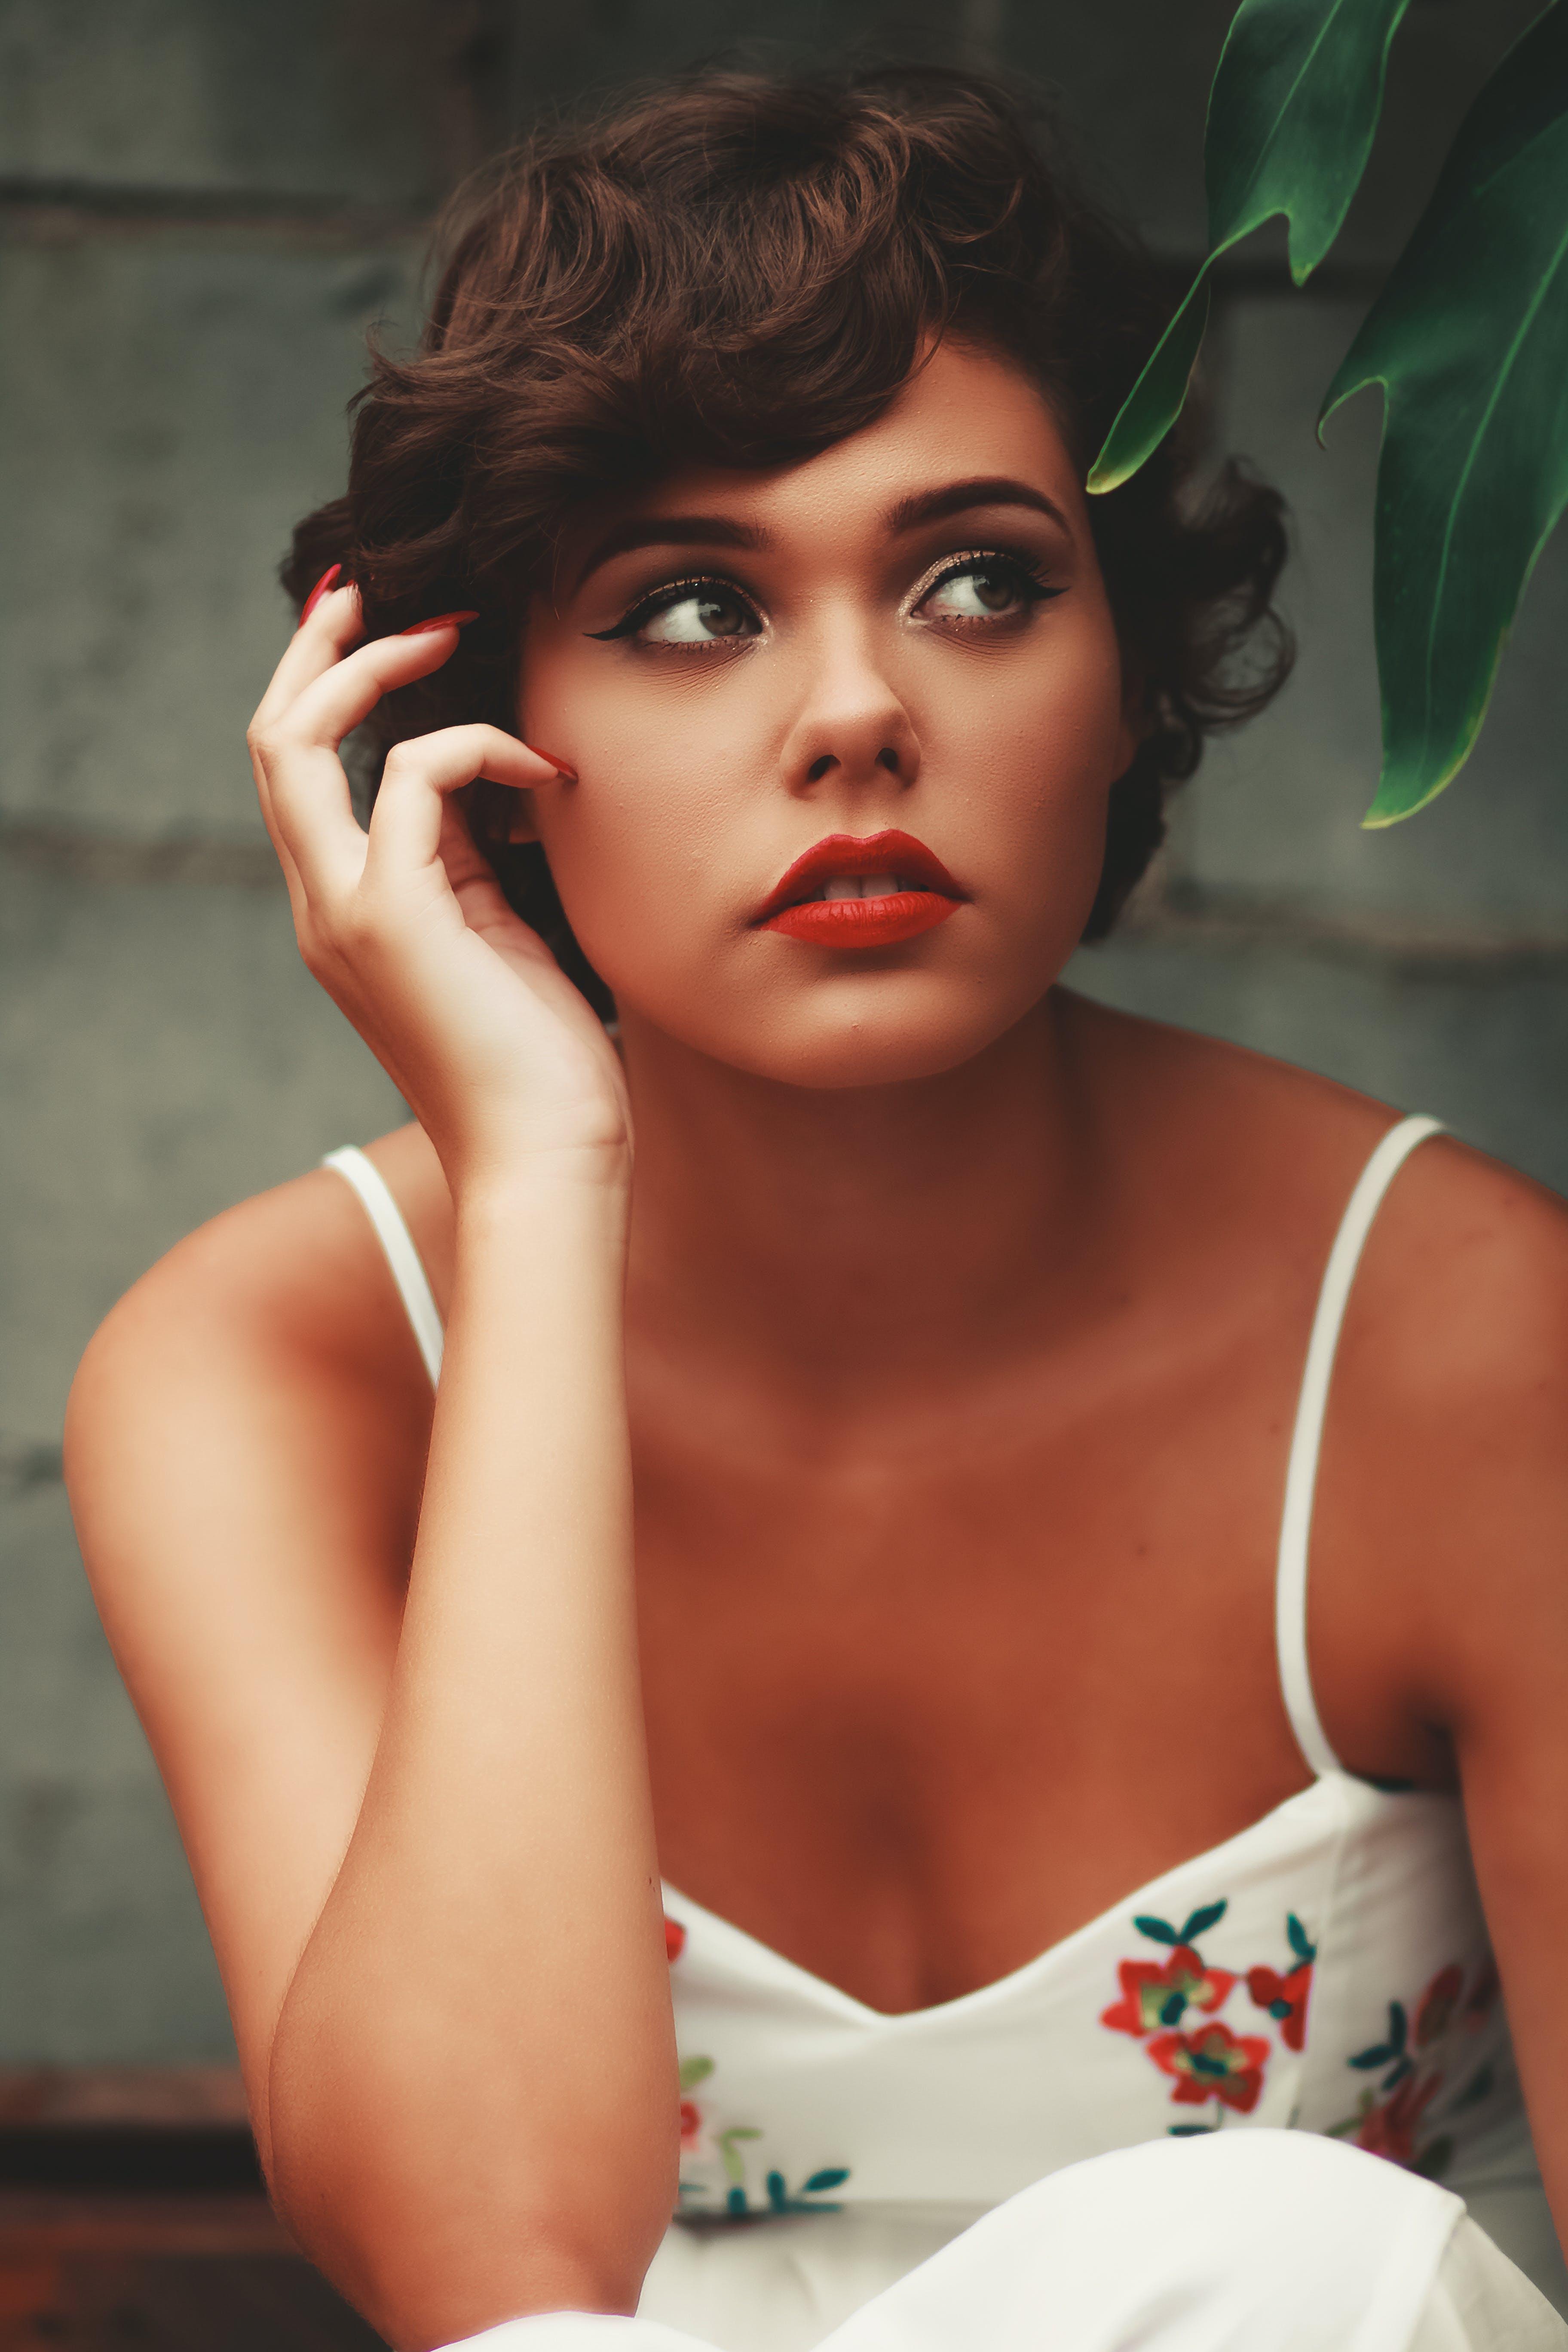 Kostenloses Stock Foto zu attraktiv, augen, brünette, dame